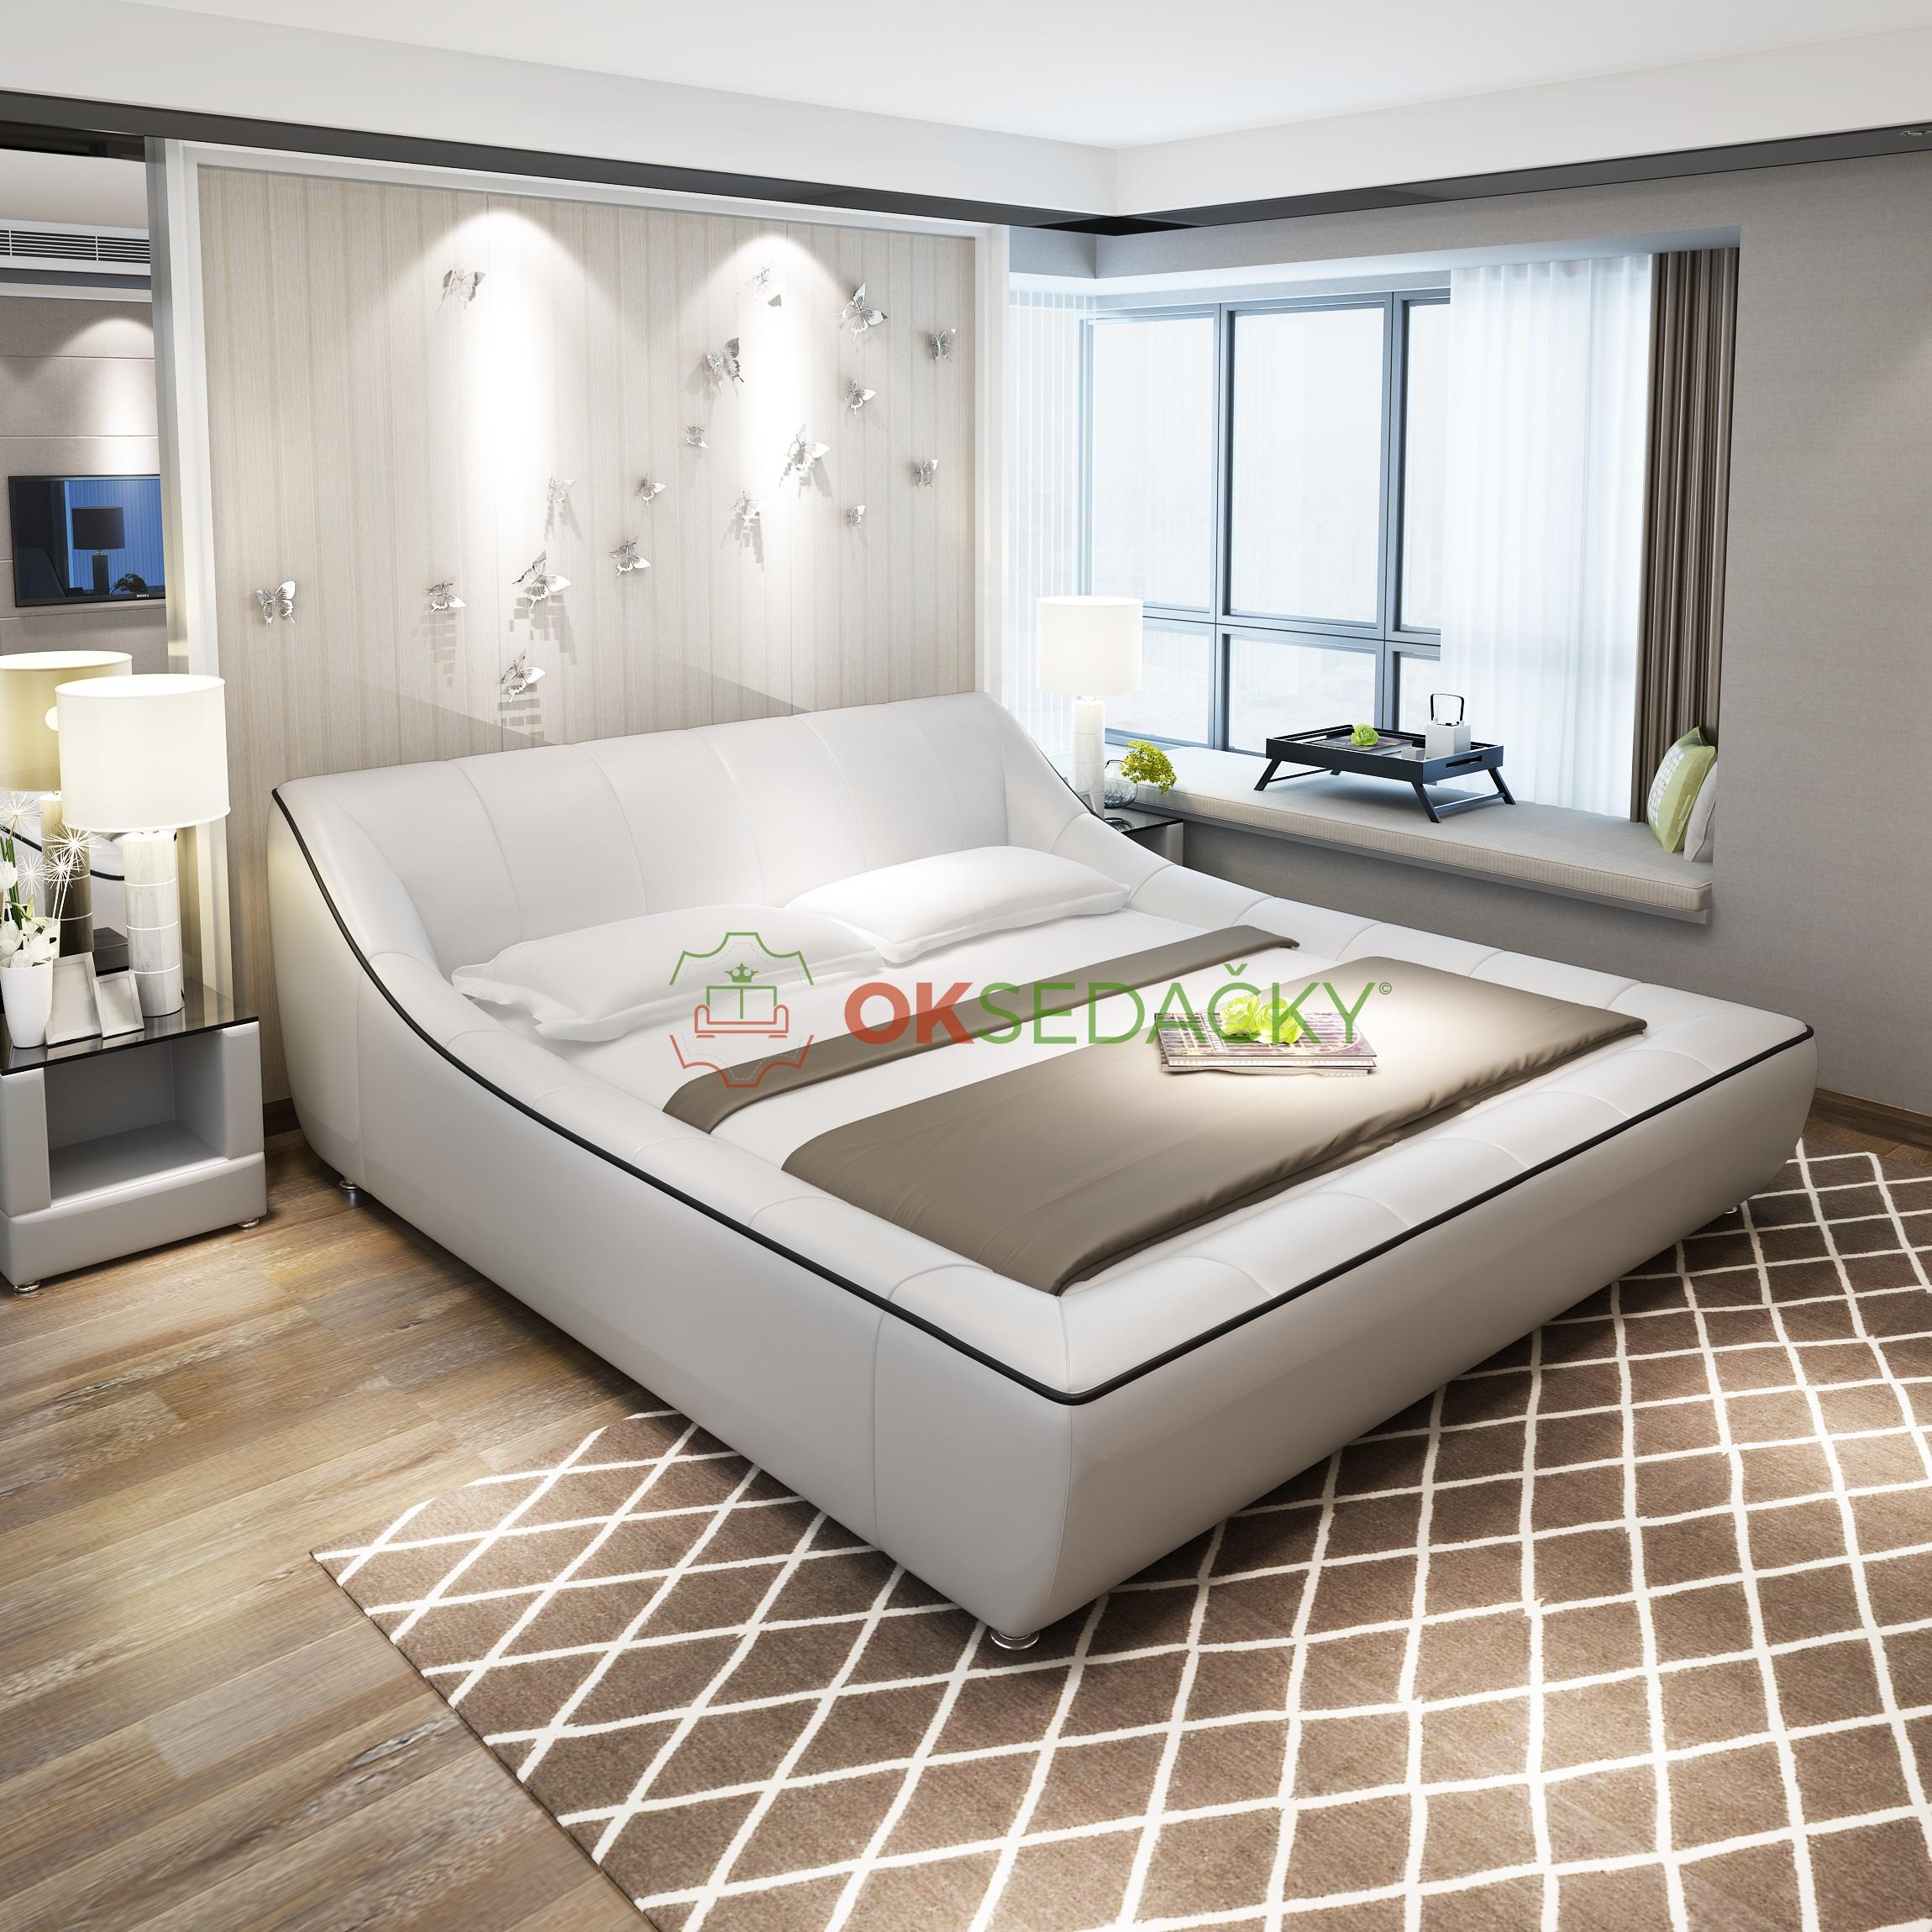 3c15e78d6a66 Kožená posteľ Charlotte - OK Sedačky